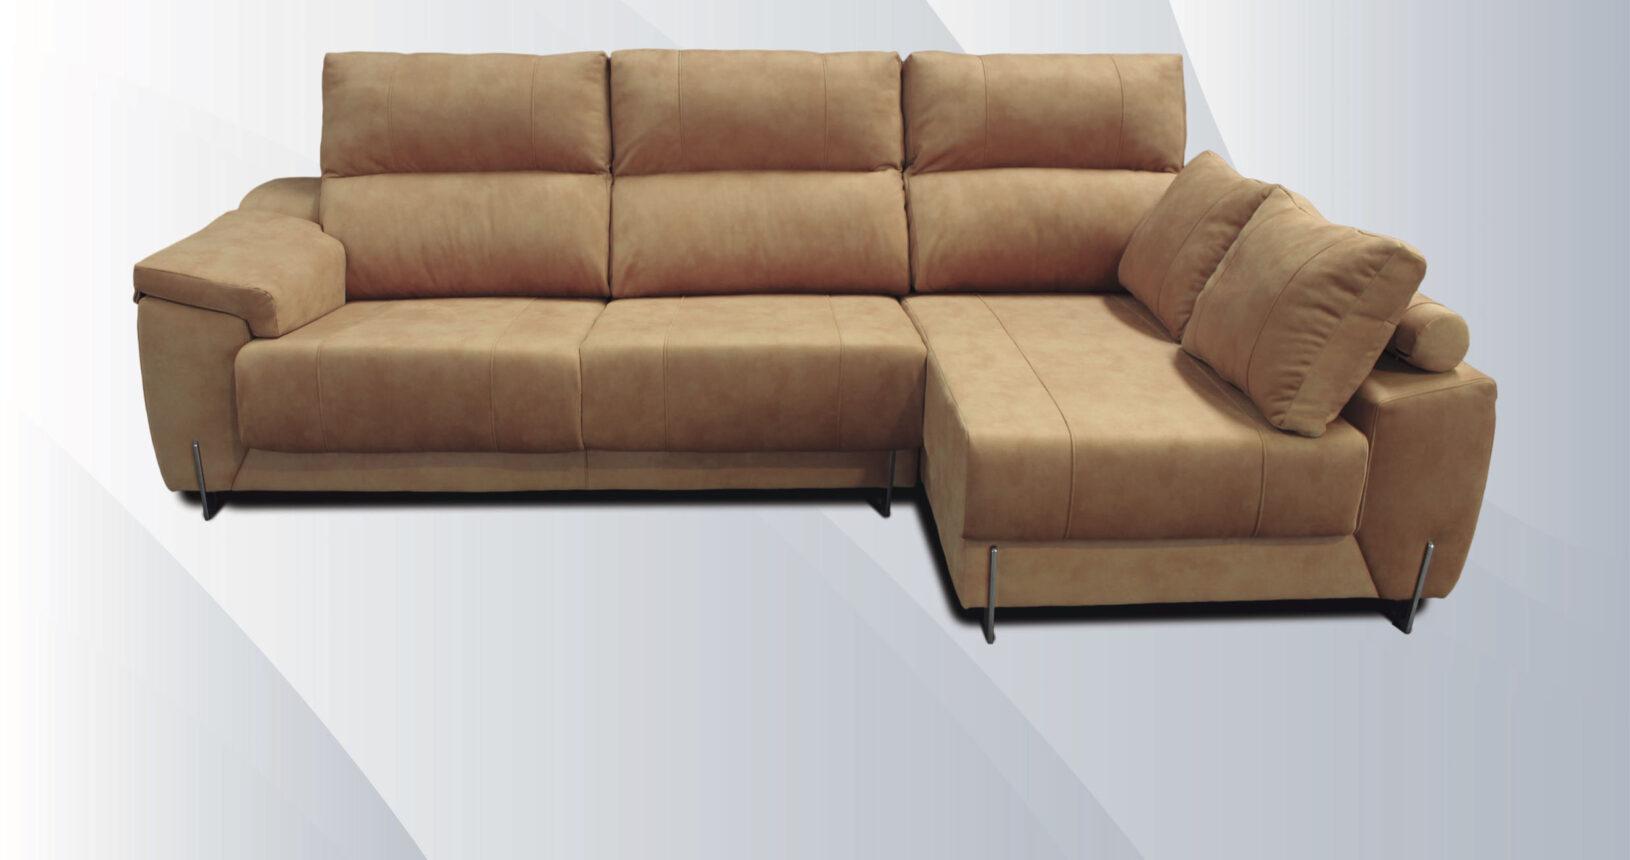 descanso sofás lucia mundococina.eu